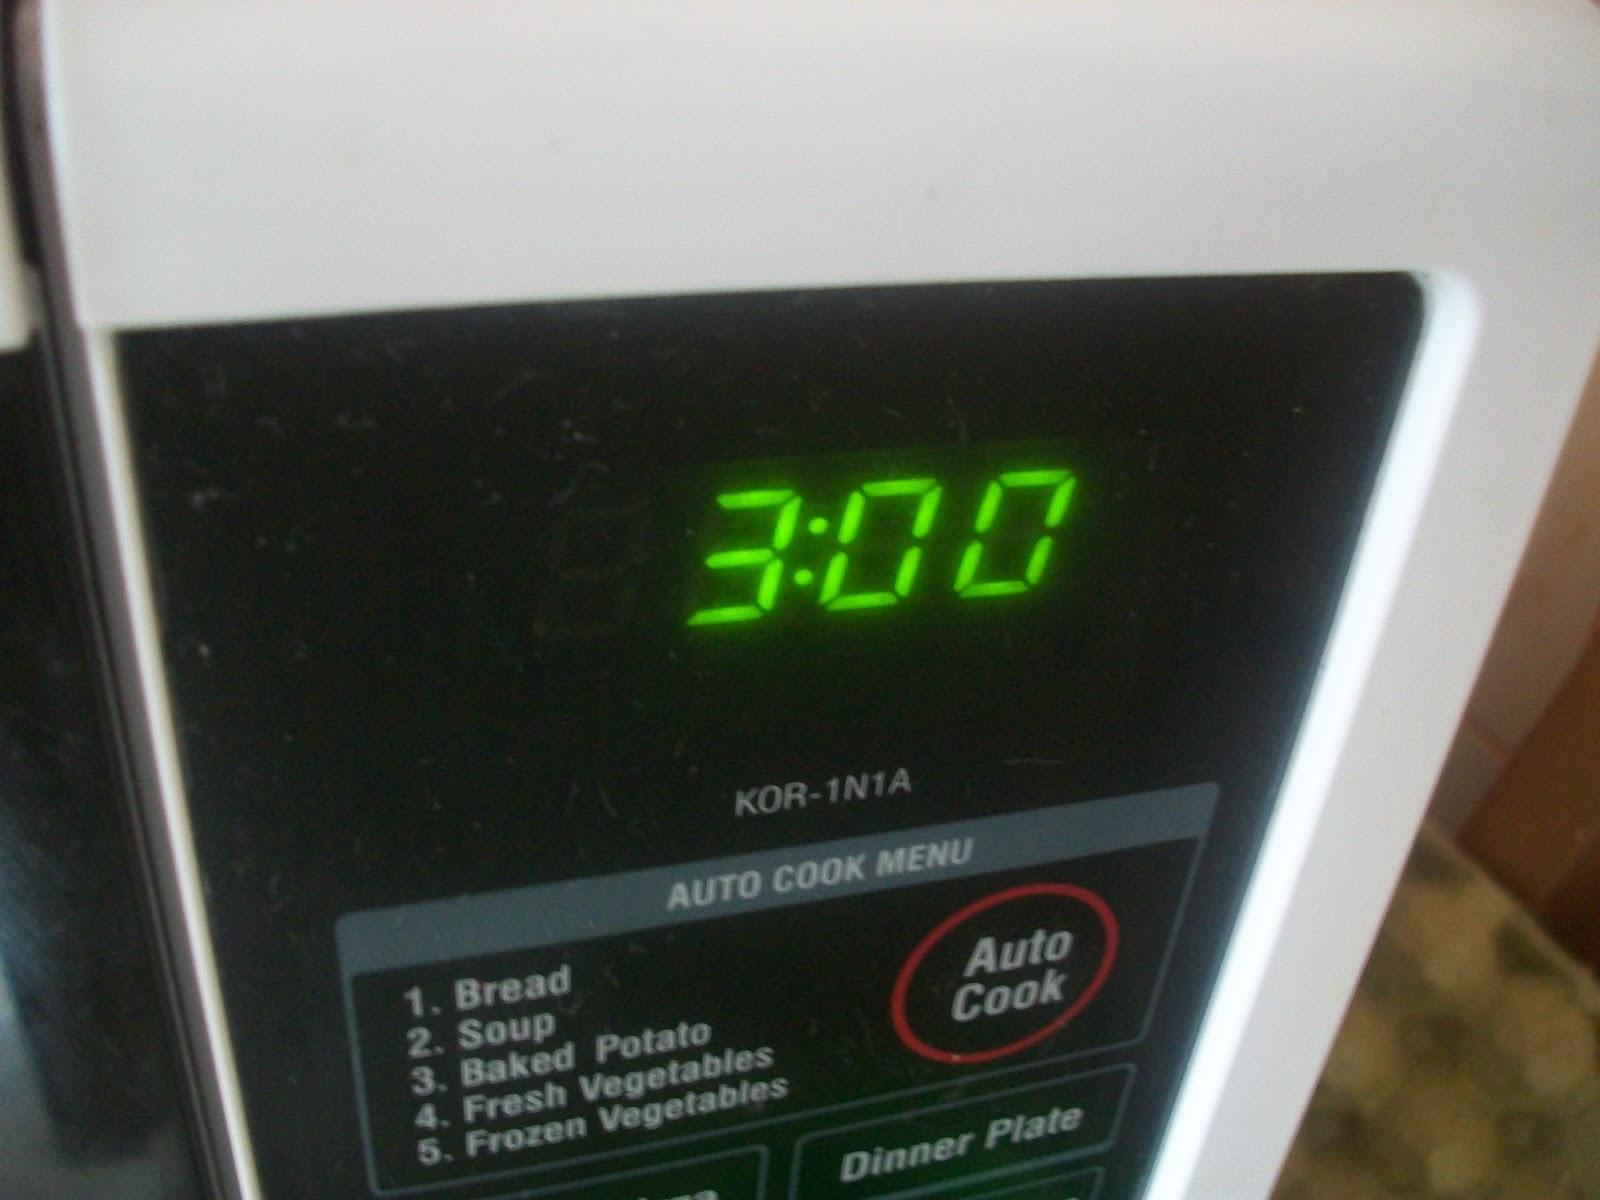 set 3 minute timer